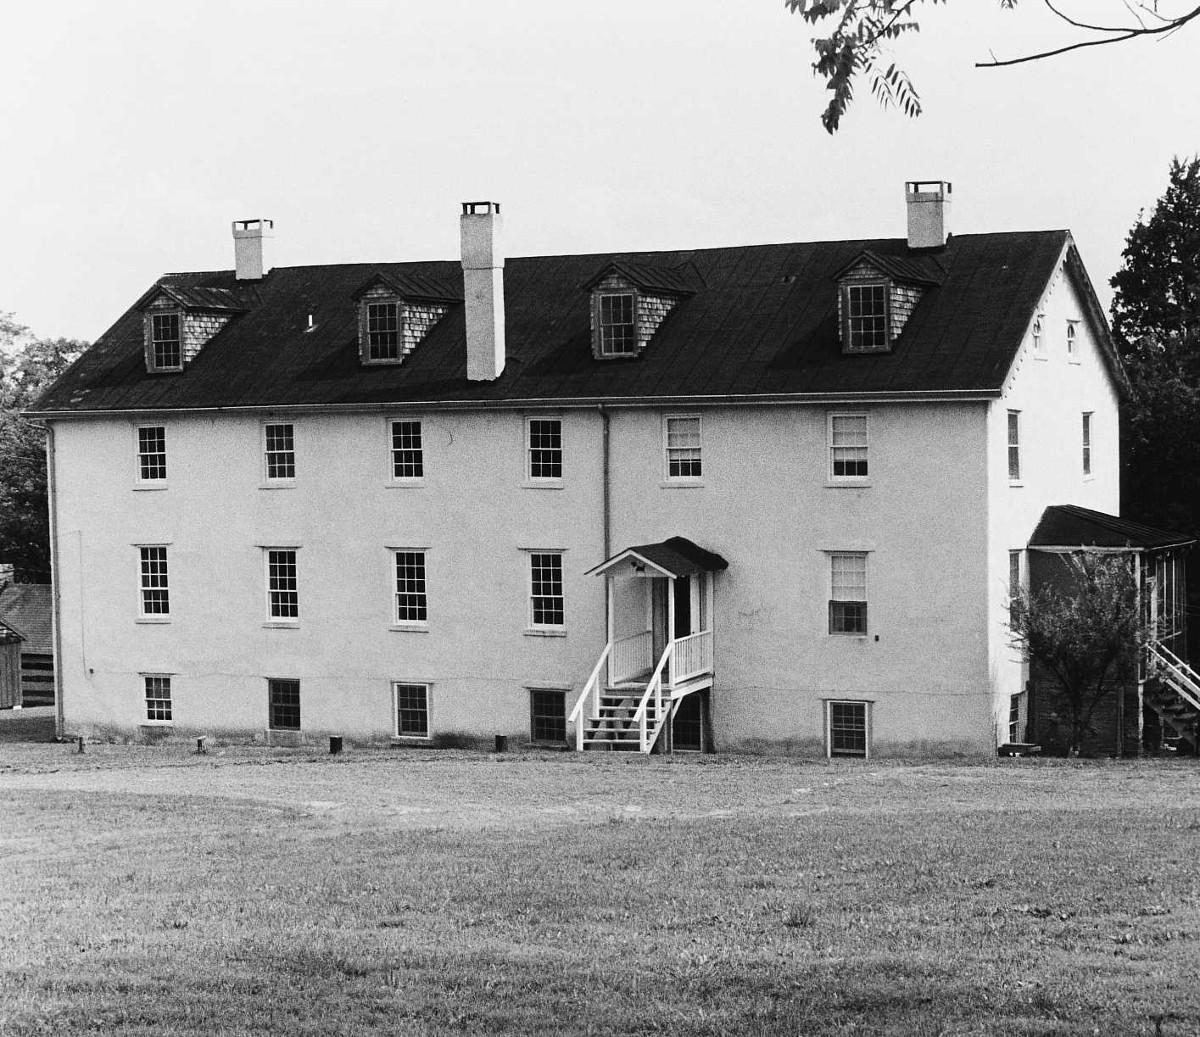 Institute Farm